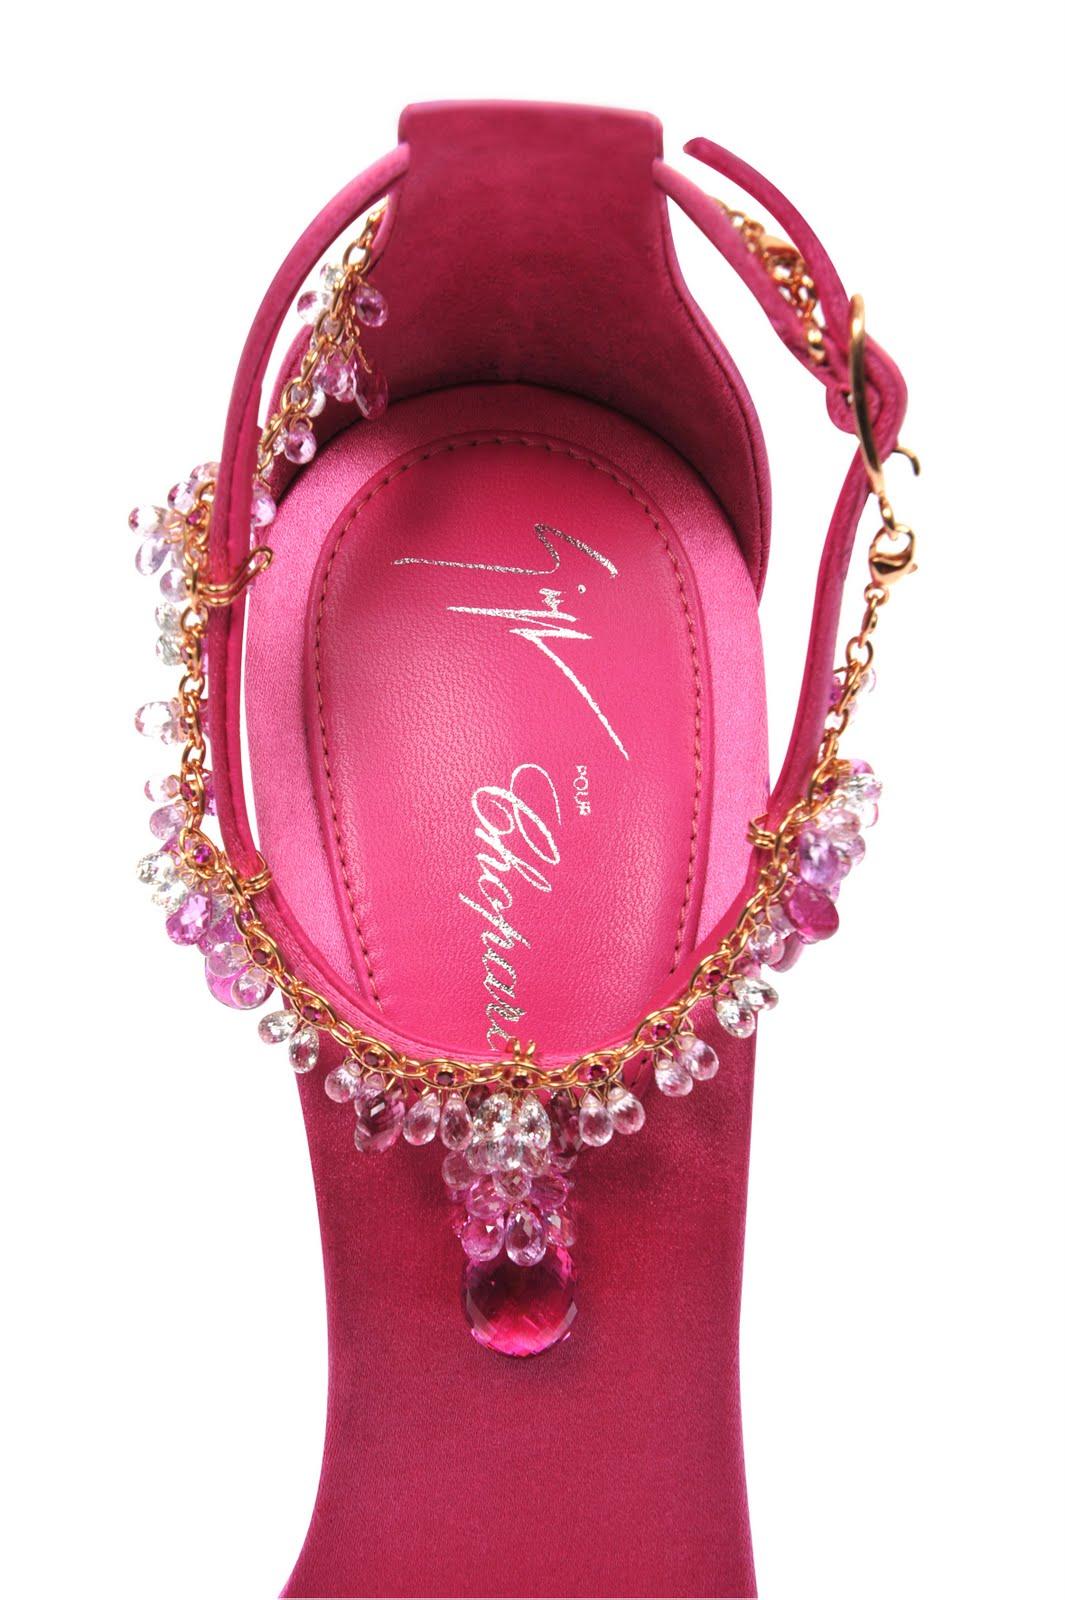 http://3.bp.blogspot.com/-WhH-Du-CEr0/TdULraBkSkI/AAAAAAAANzw/9Rsu2lcBL3I/s1600/Chopard_Zanotti_shoes1.jpg